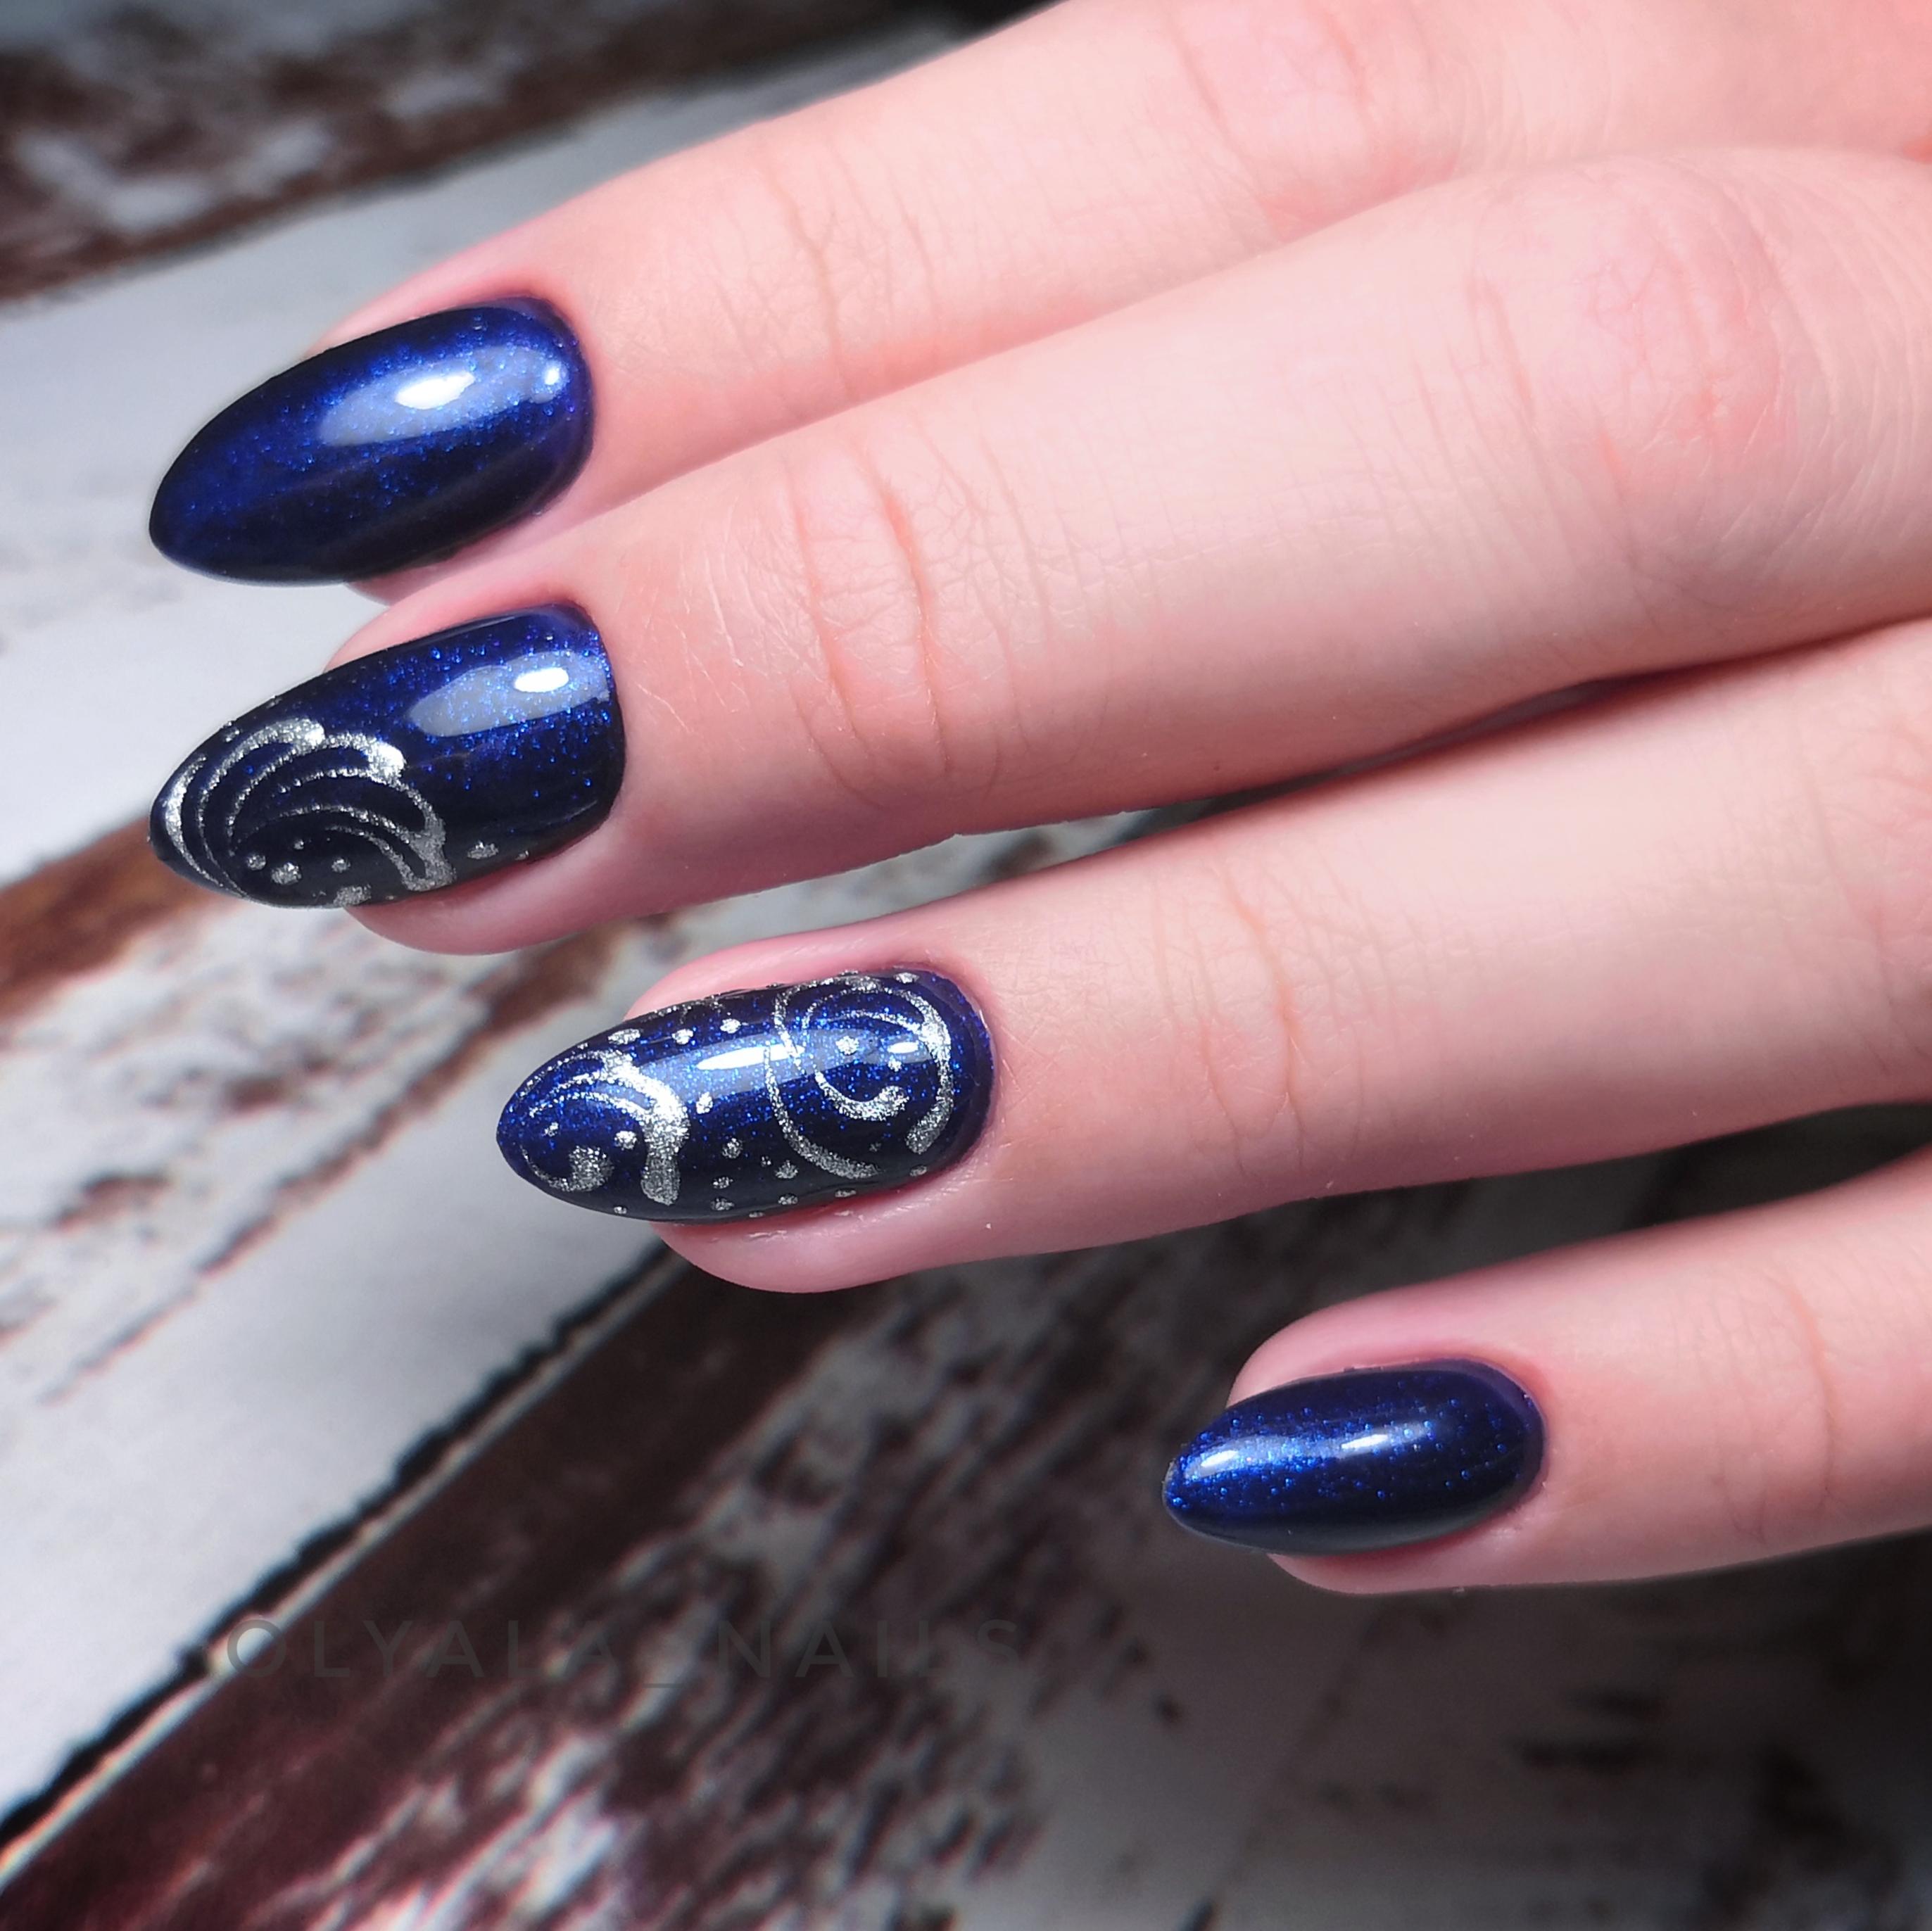 Маникюр в синем цвете с серебряными вензелями.